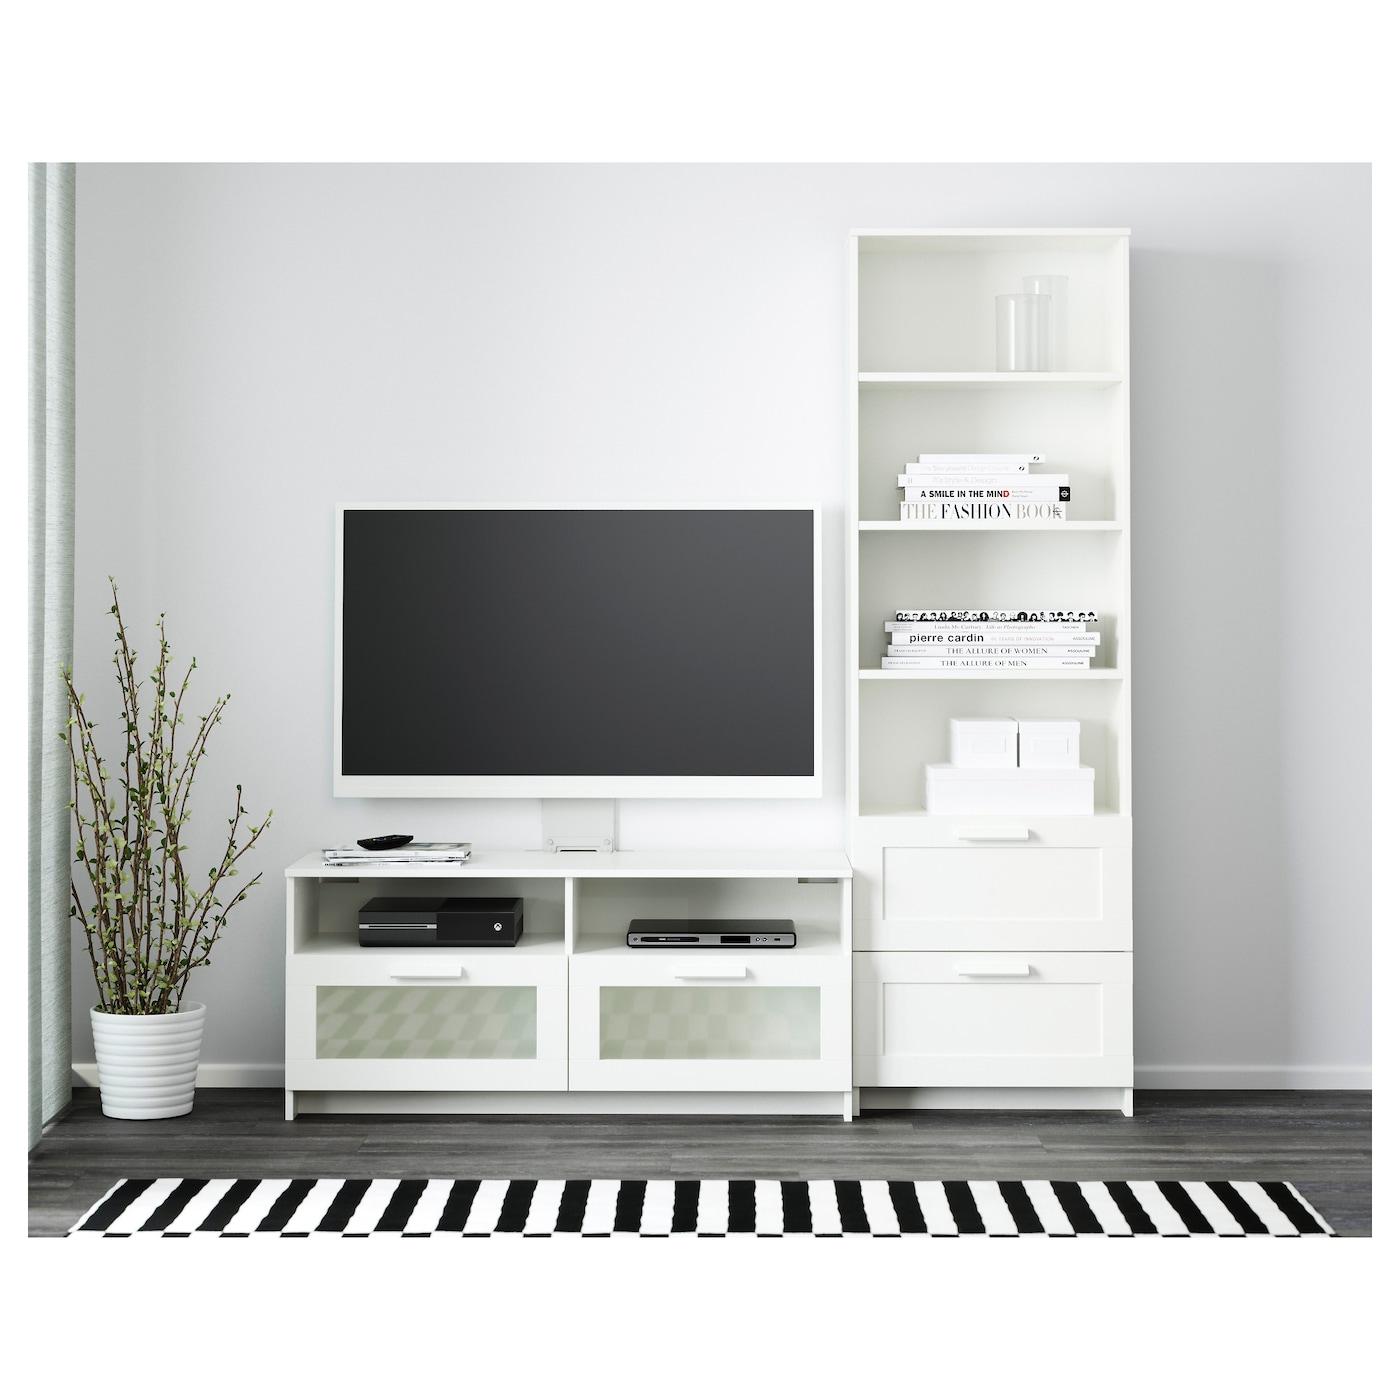 Brimnes Combinaison Meuble Tv Blanc 180x41x190 Cm Ikea # Combinaison Meuble Tv